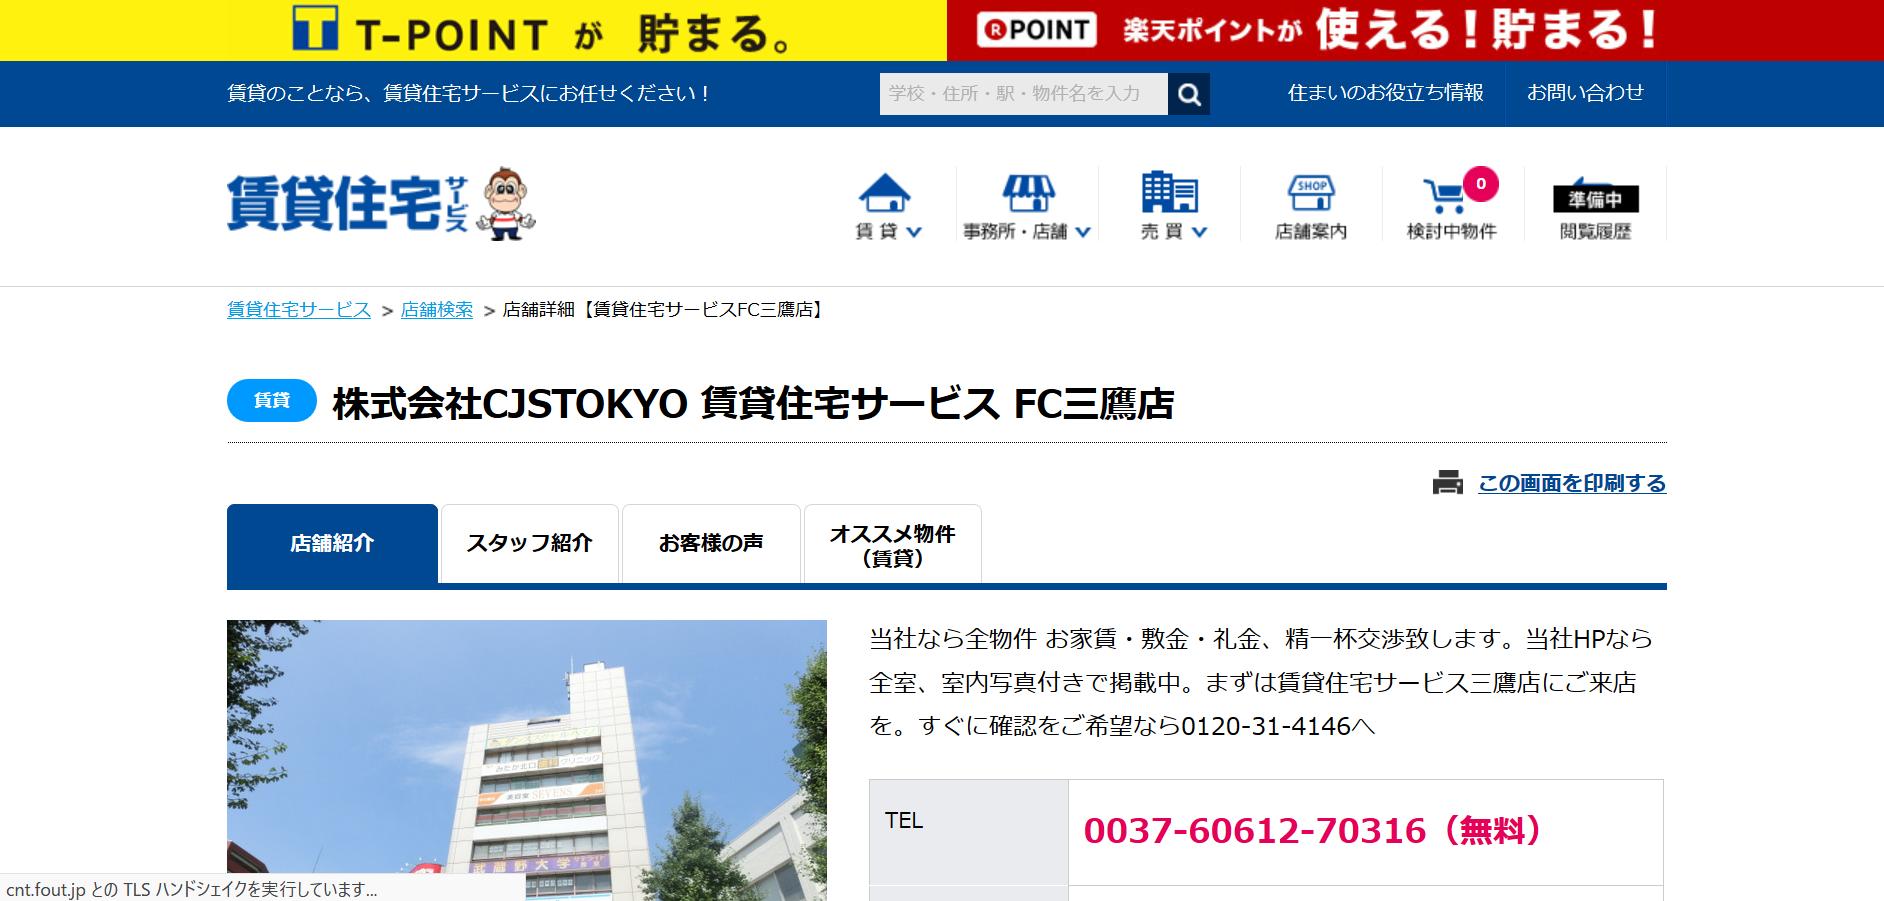 賃貸住宅サービス FC三鷹店